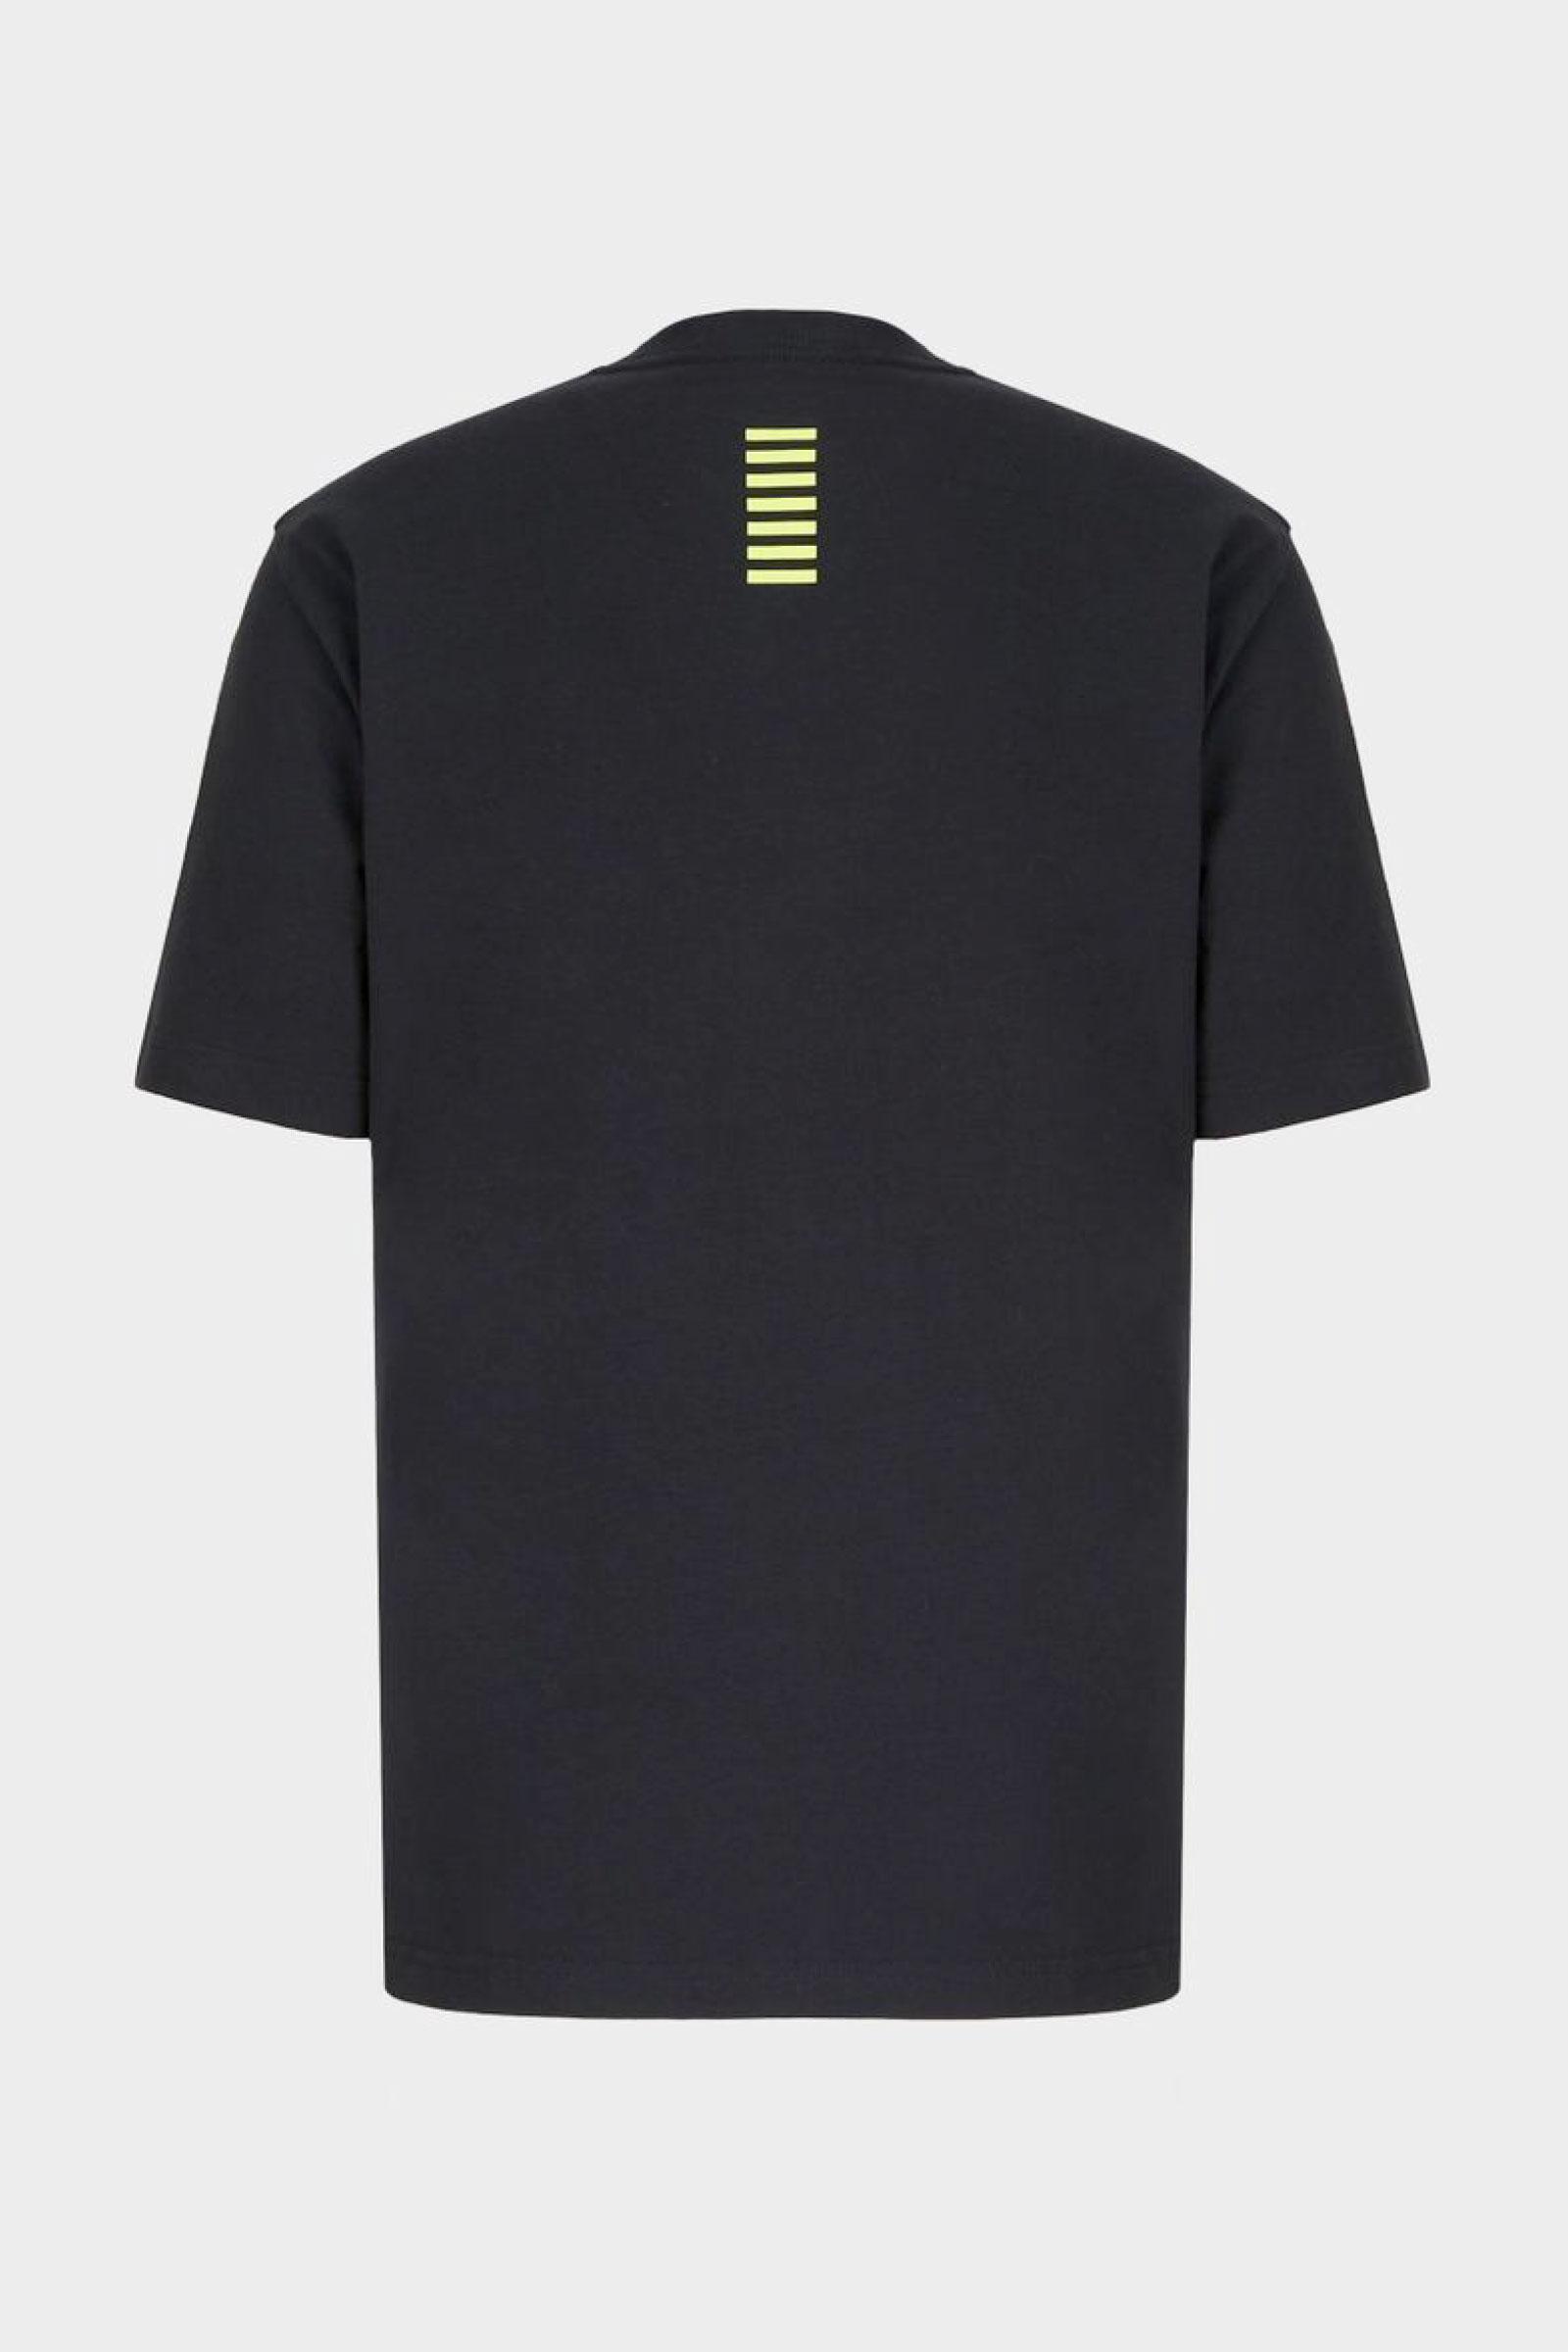 ARMANI EA7 Men's T-Shirt ARMANI EA7 | T-Shirt | 3KPT36 PJ7UZ1200